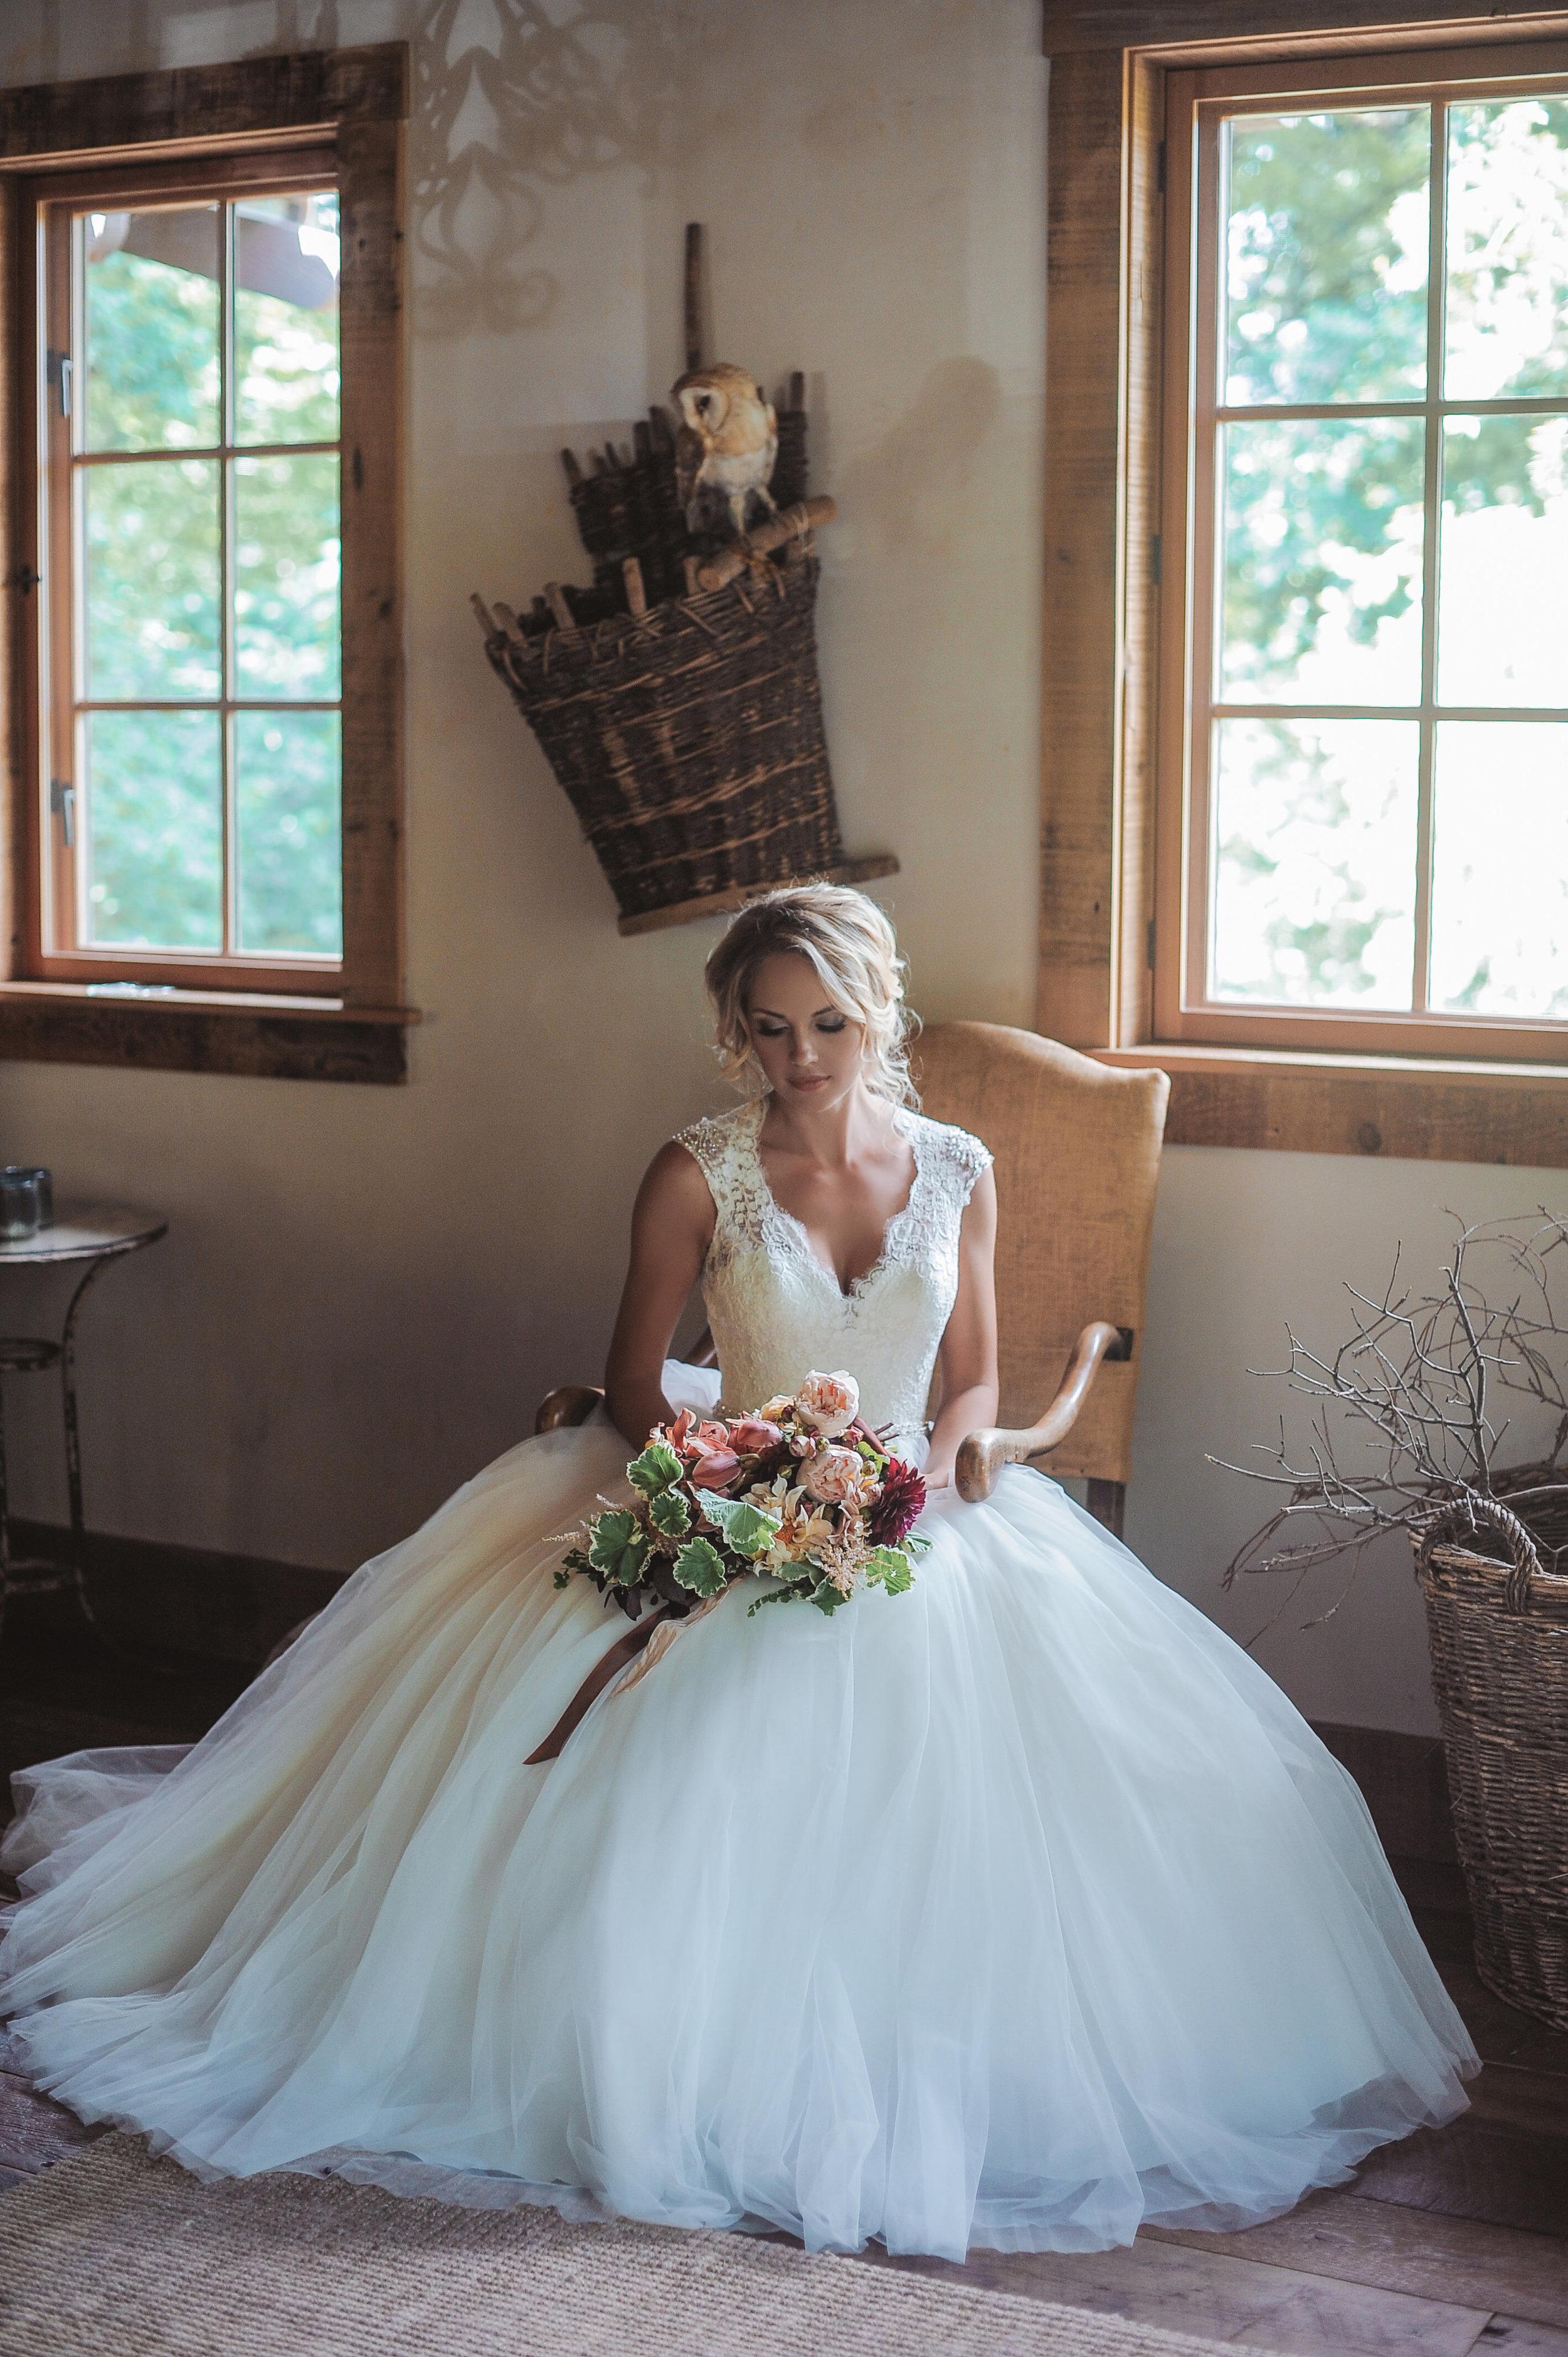 N K wedding-1 Getting Ready-0174.jpg